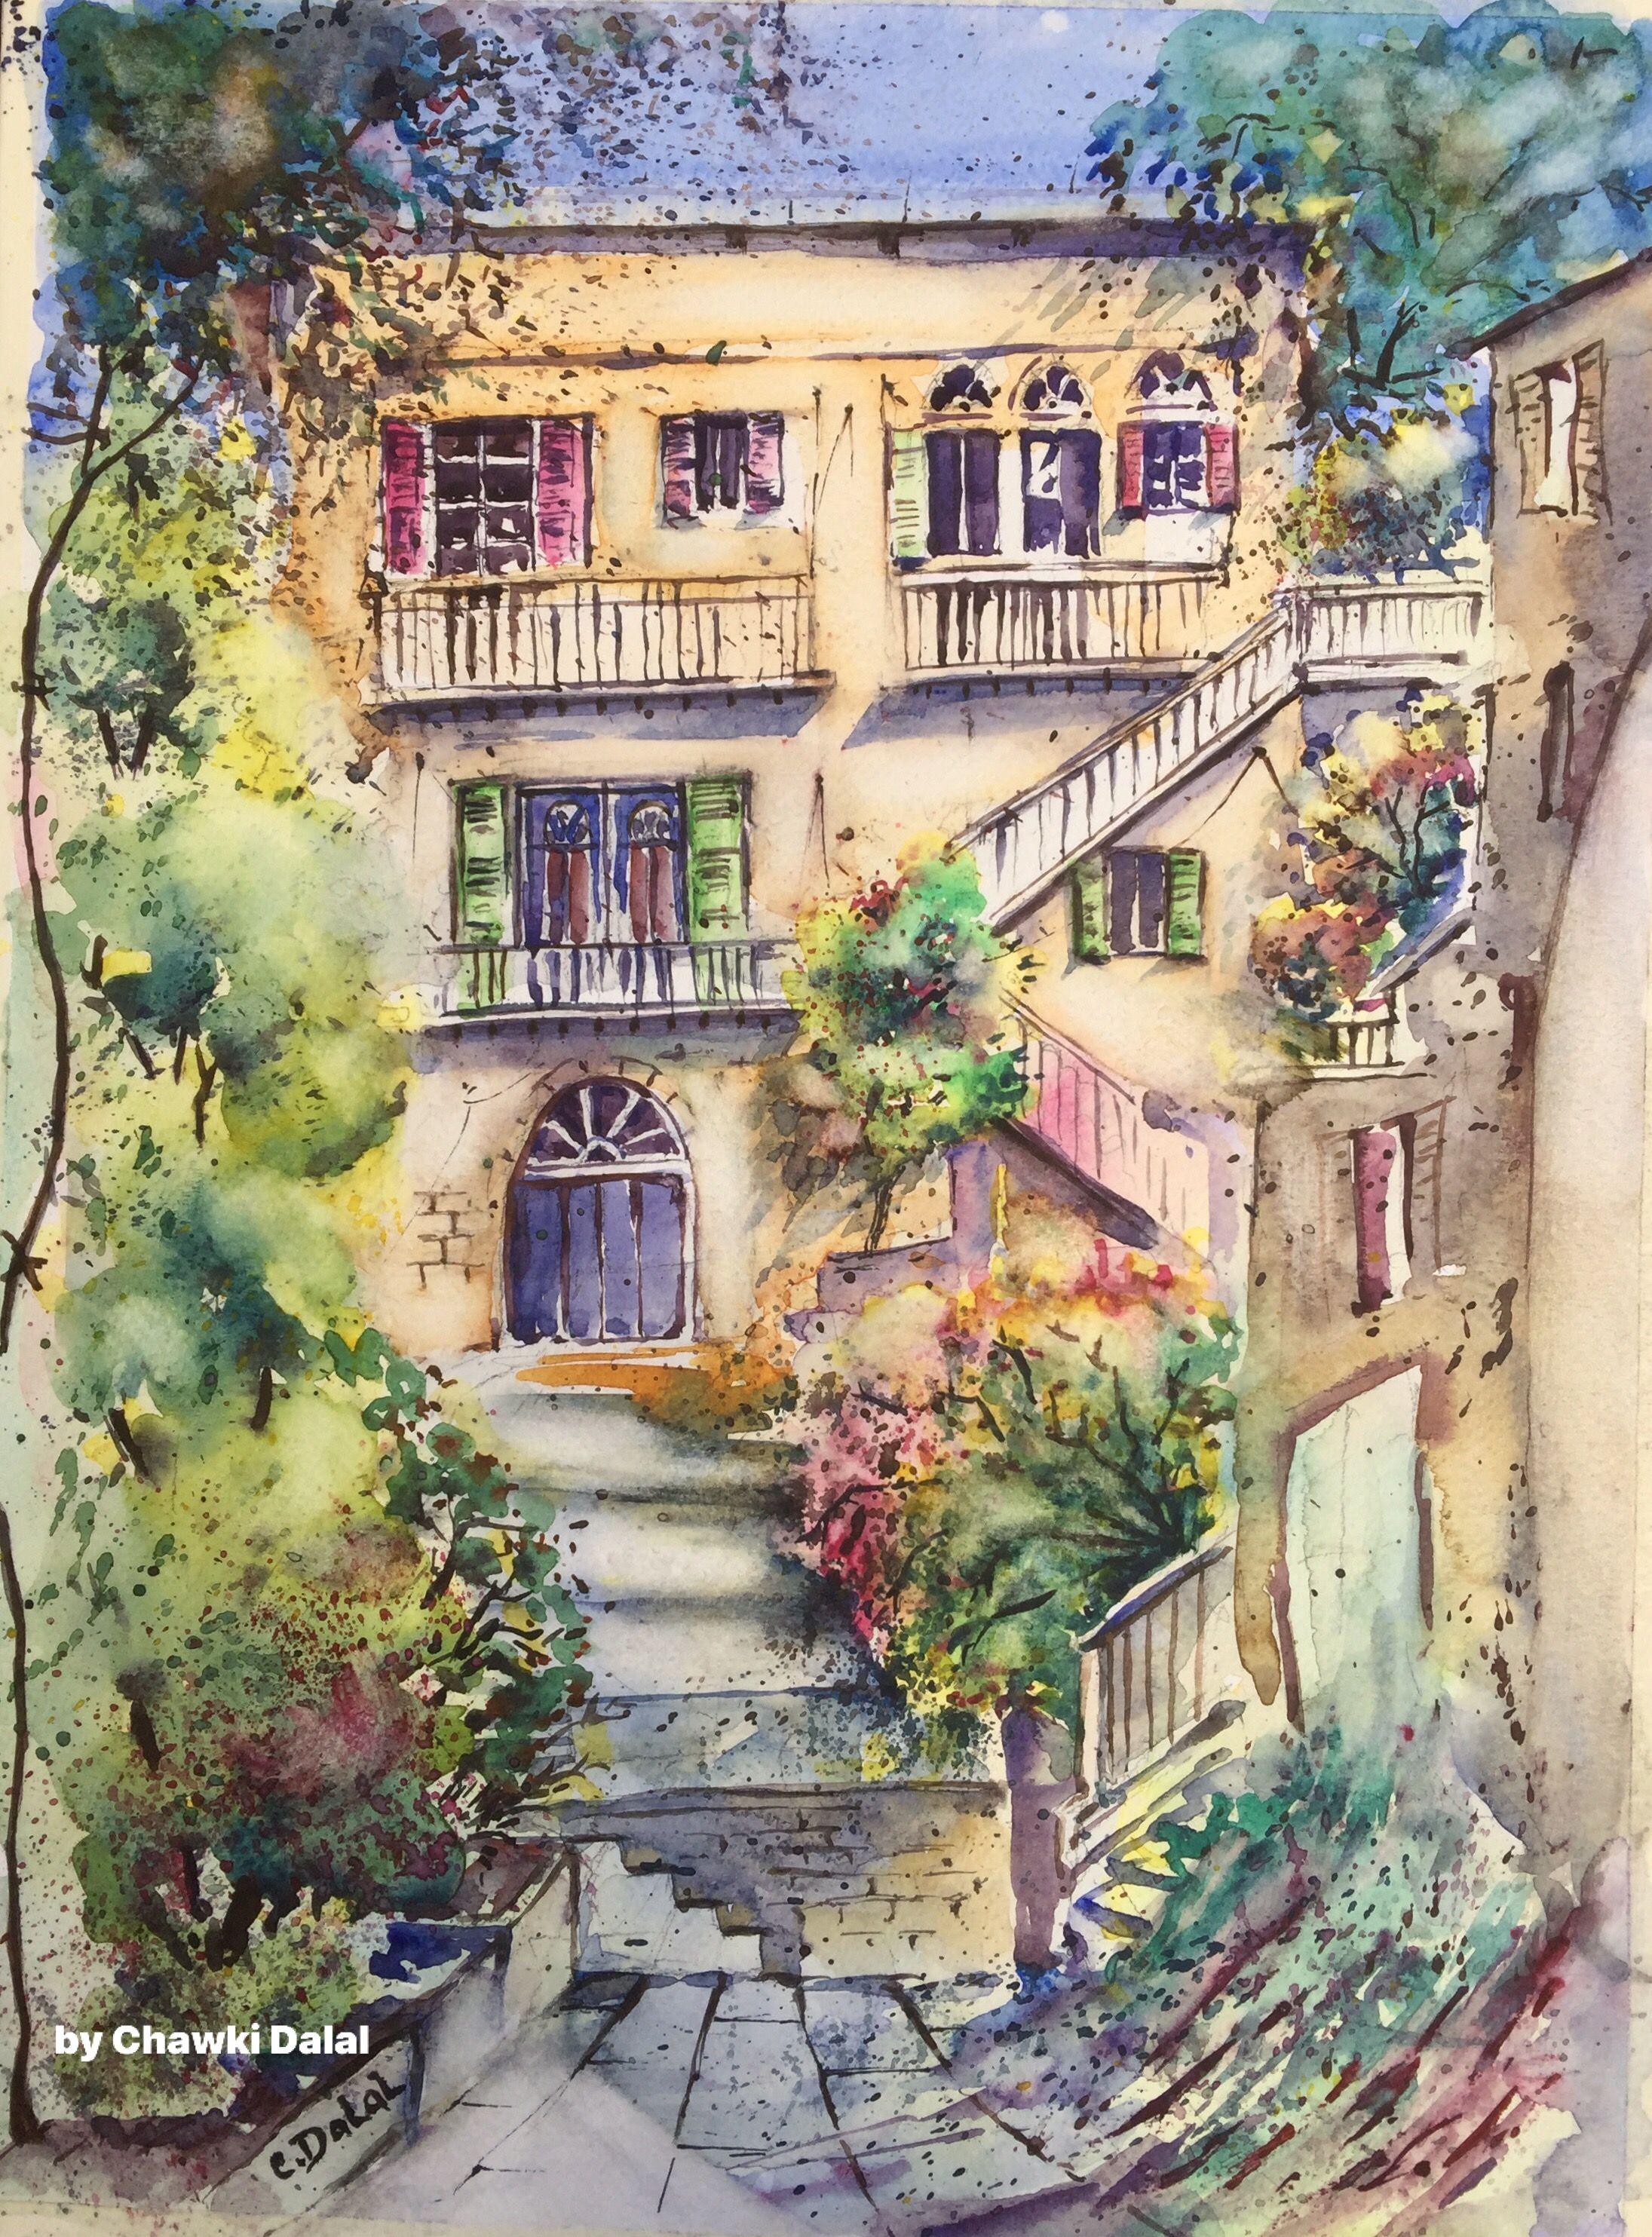 لوحة رسمتها حديثا لأحد الأبنية التراثية في منطقة الأشرفية حي السراسقة بيروت لبنان من ذاكرتي التي عايشتها في بيروت عام 1978 House Styles Mansions Home Decor